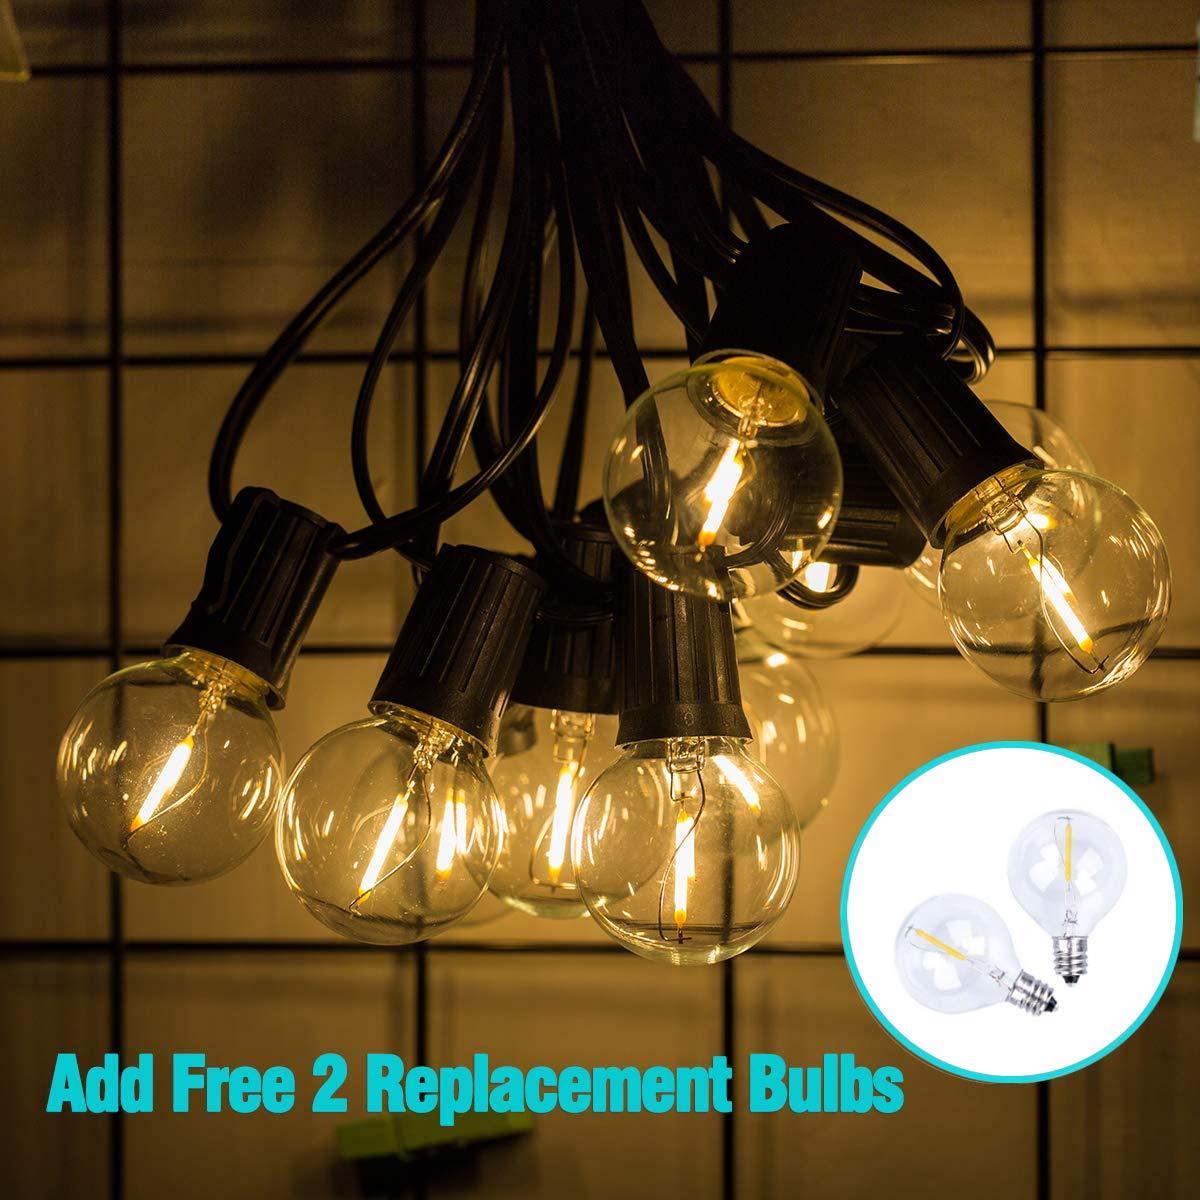 Amazon.com: Palawell - Guirnalda de luces multicolor para ...